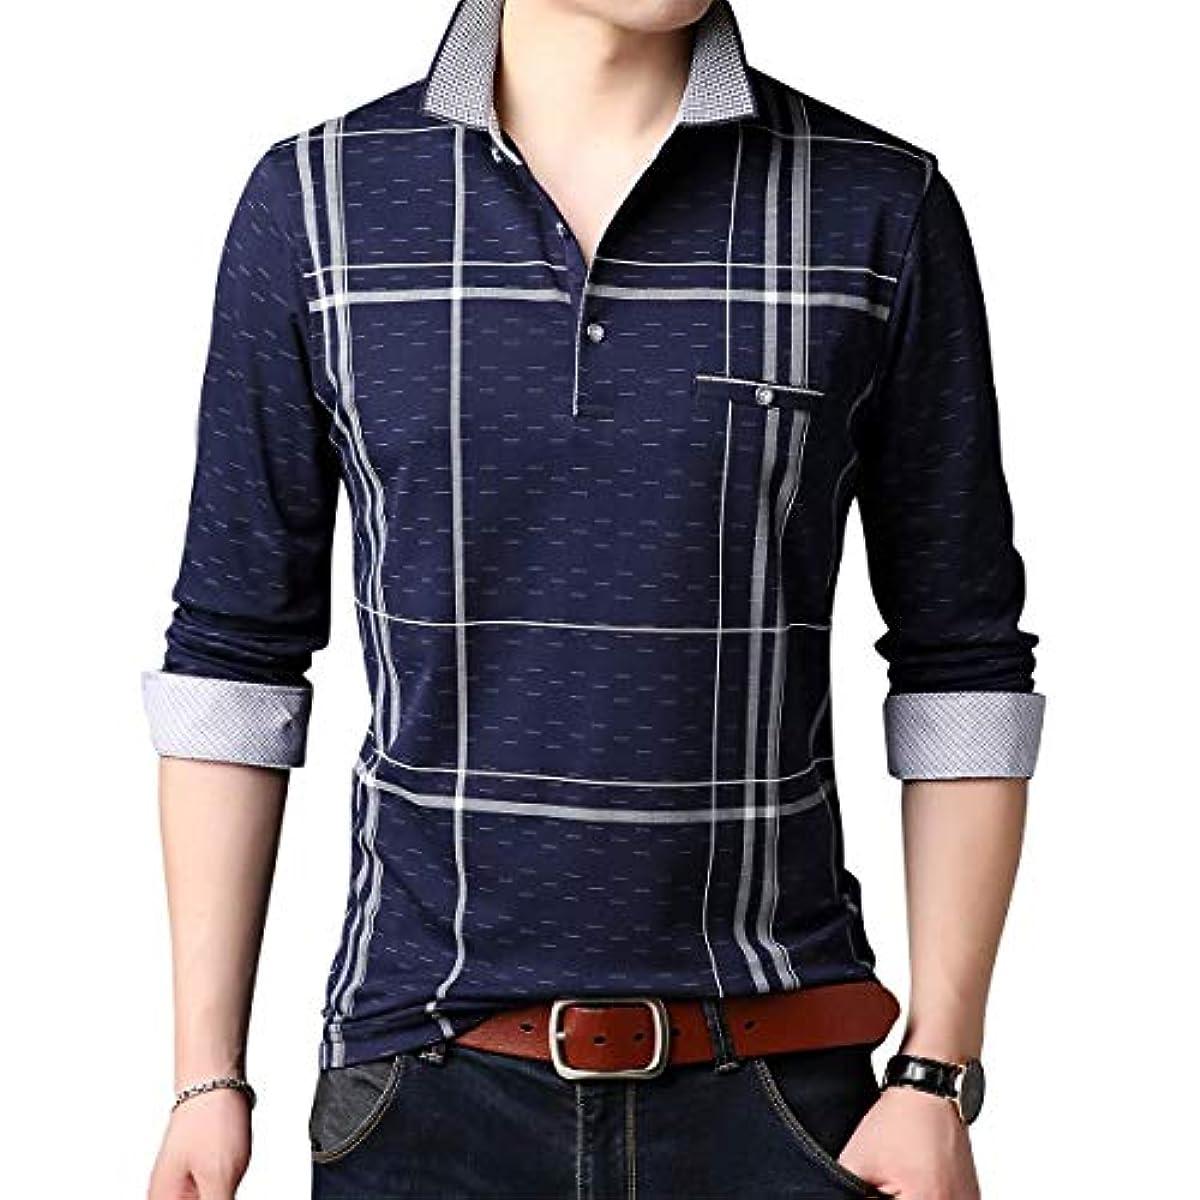 [해외] 폴로 셔츠 맨즈 긴 소매 골프 셔츠 면 멋쟁이 스보―츠 아웃도어 추동춘 캐주얼 비지니스